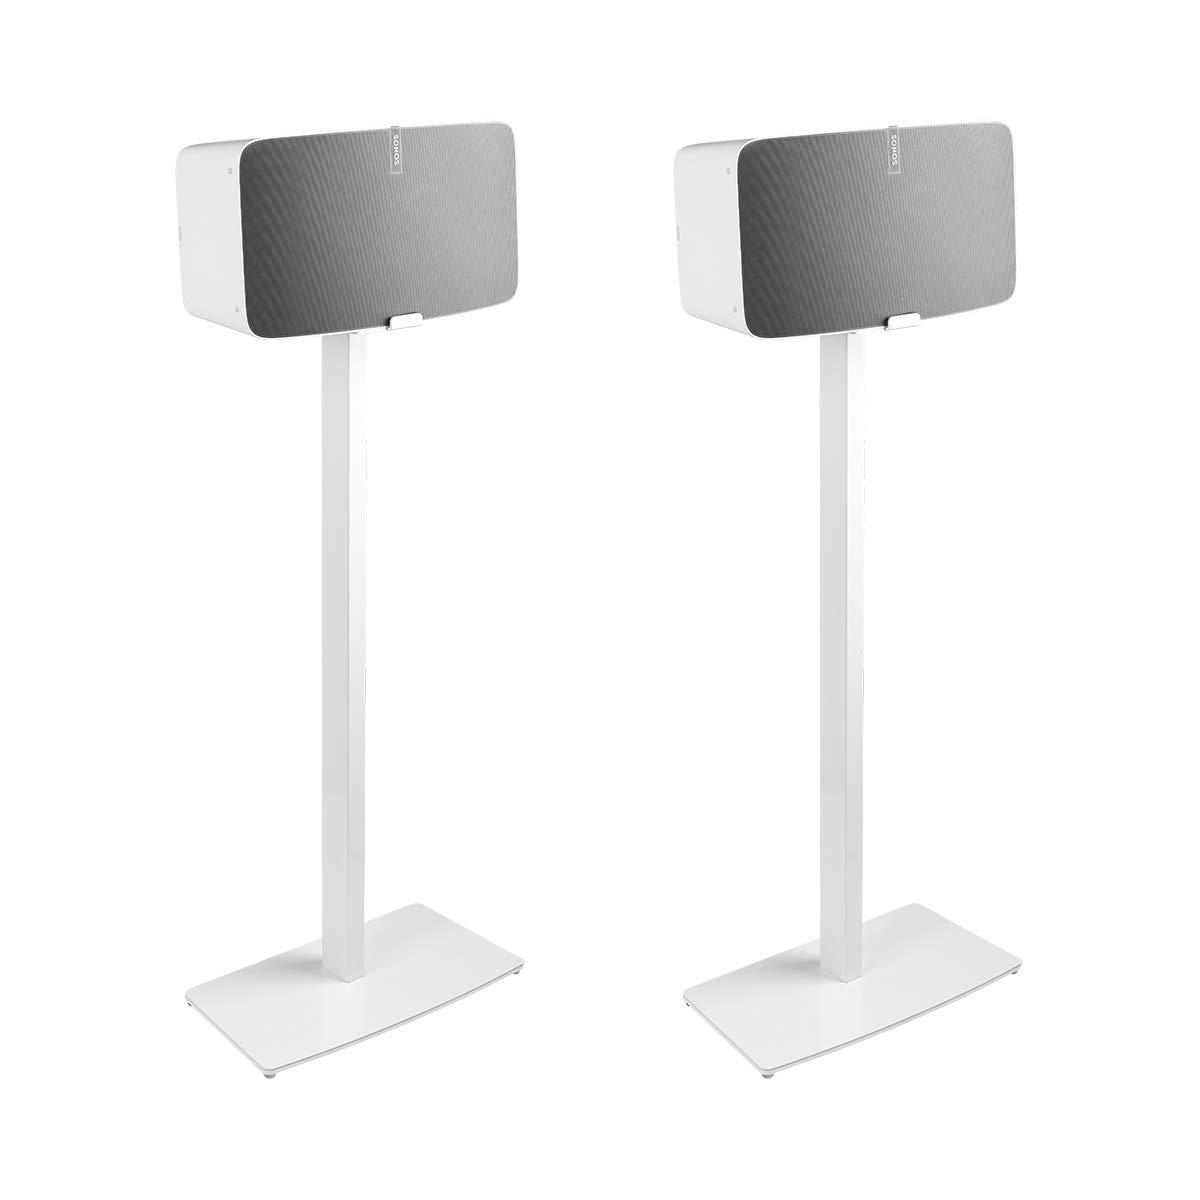 Cavus CSP5 Lautsprecher Ständer für für für Sonos PLAY 5 (Gen2) (Stück, Schwarz) a9e2d4